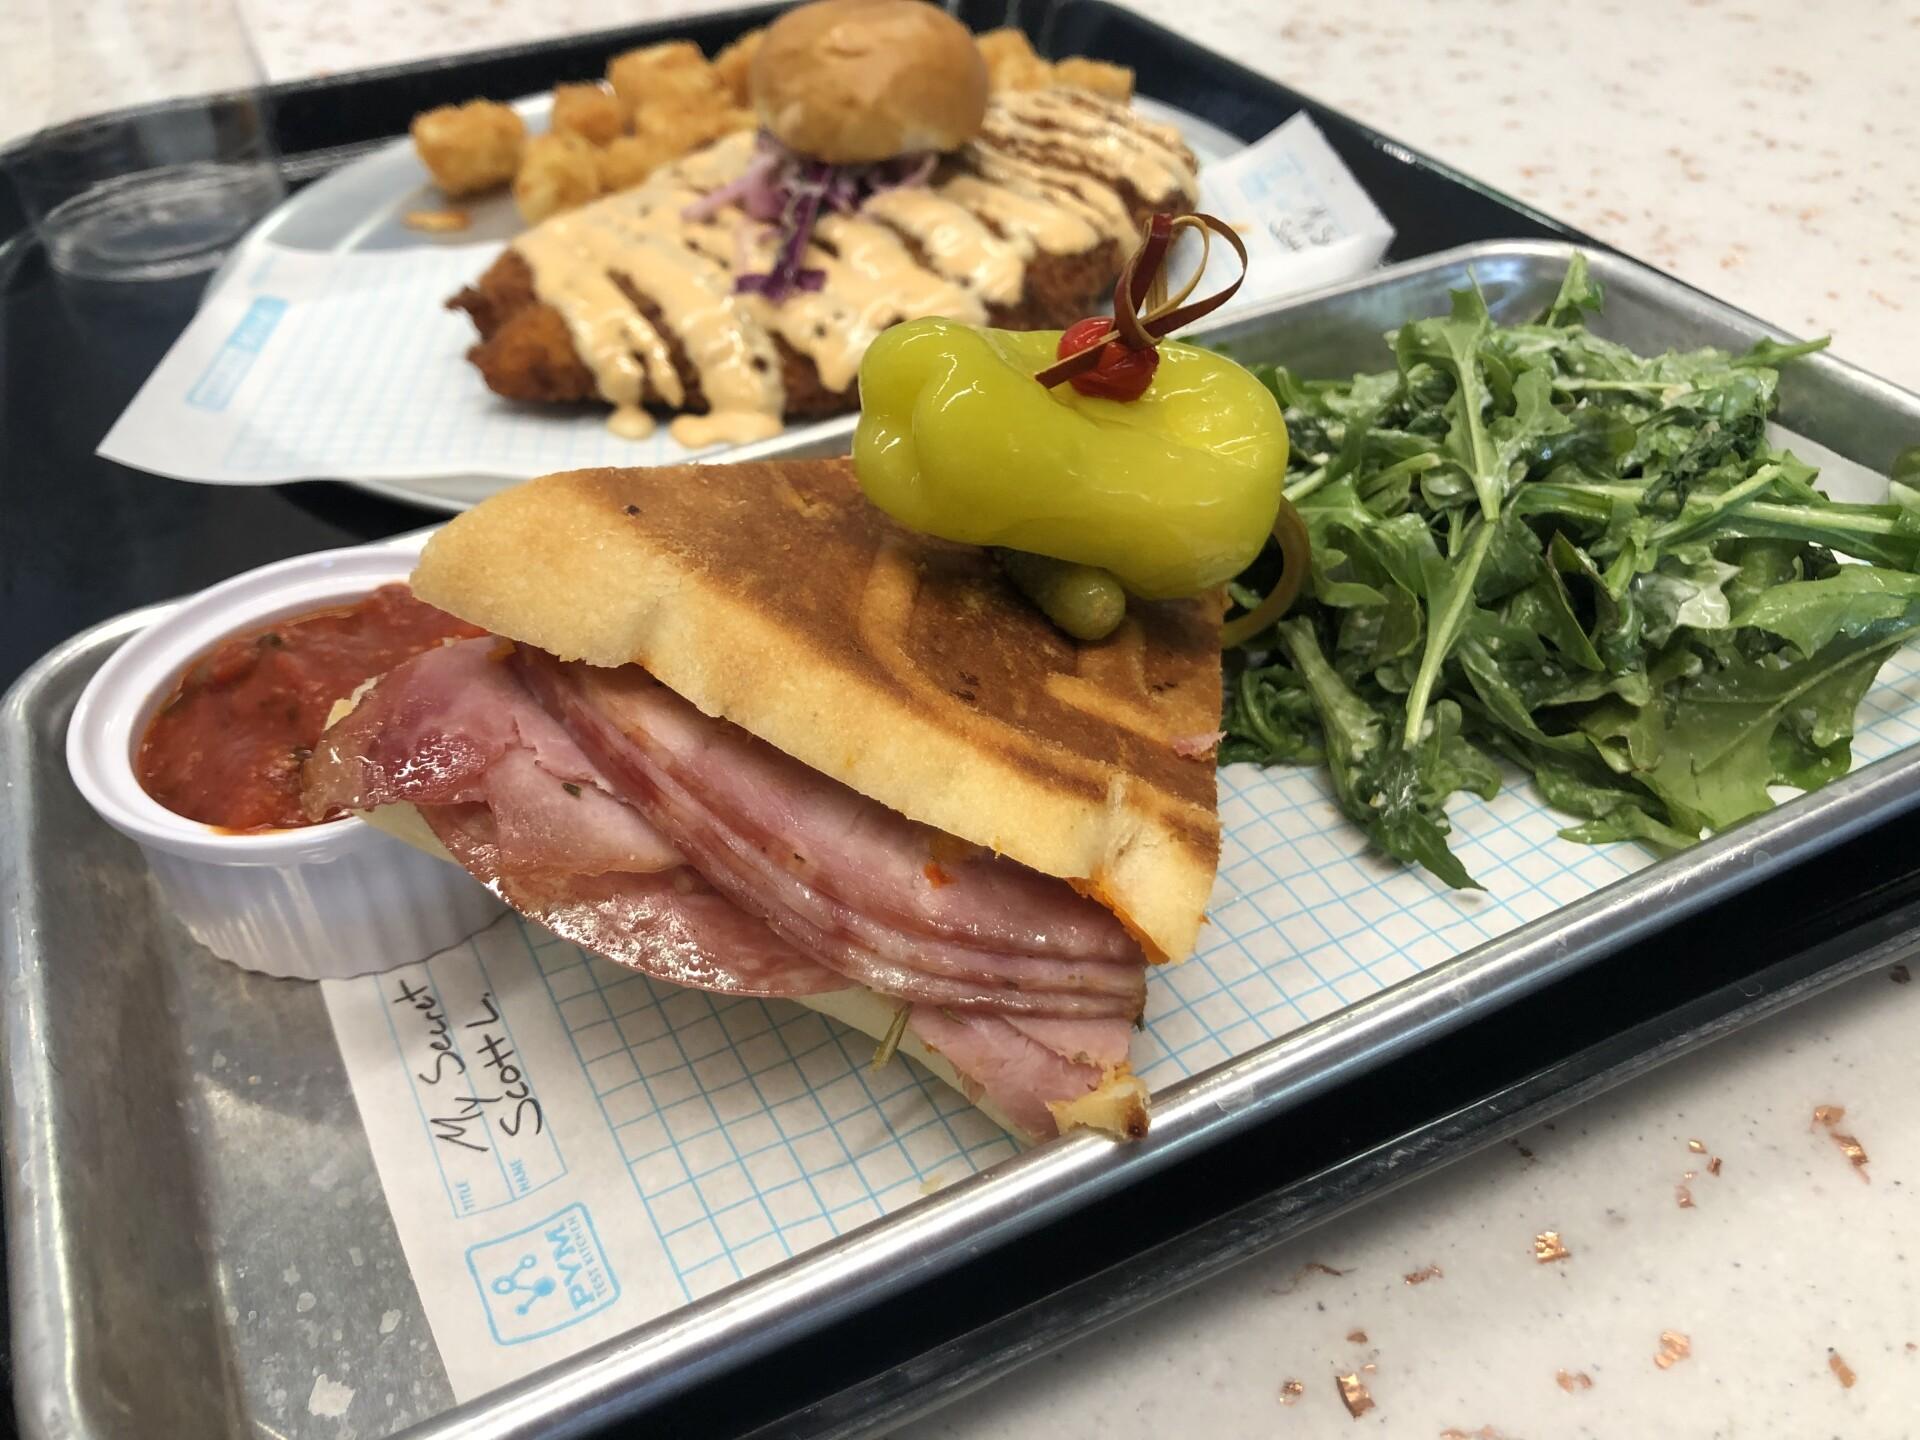 pym test kitchen sandwich_2.JPG